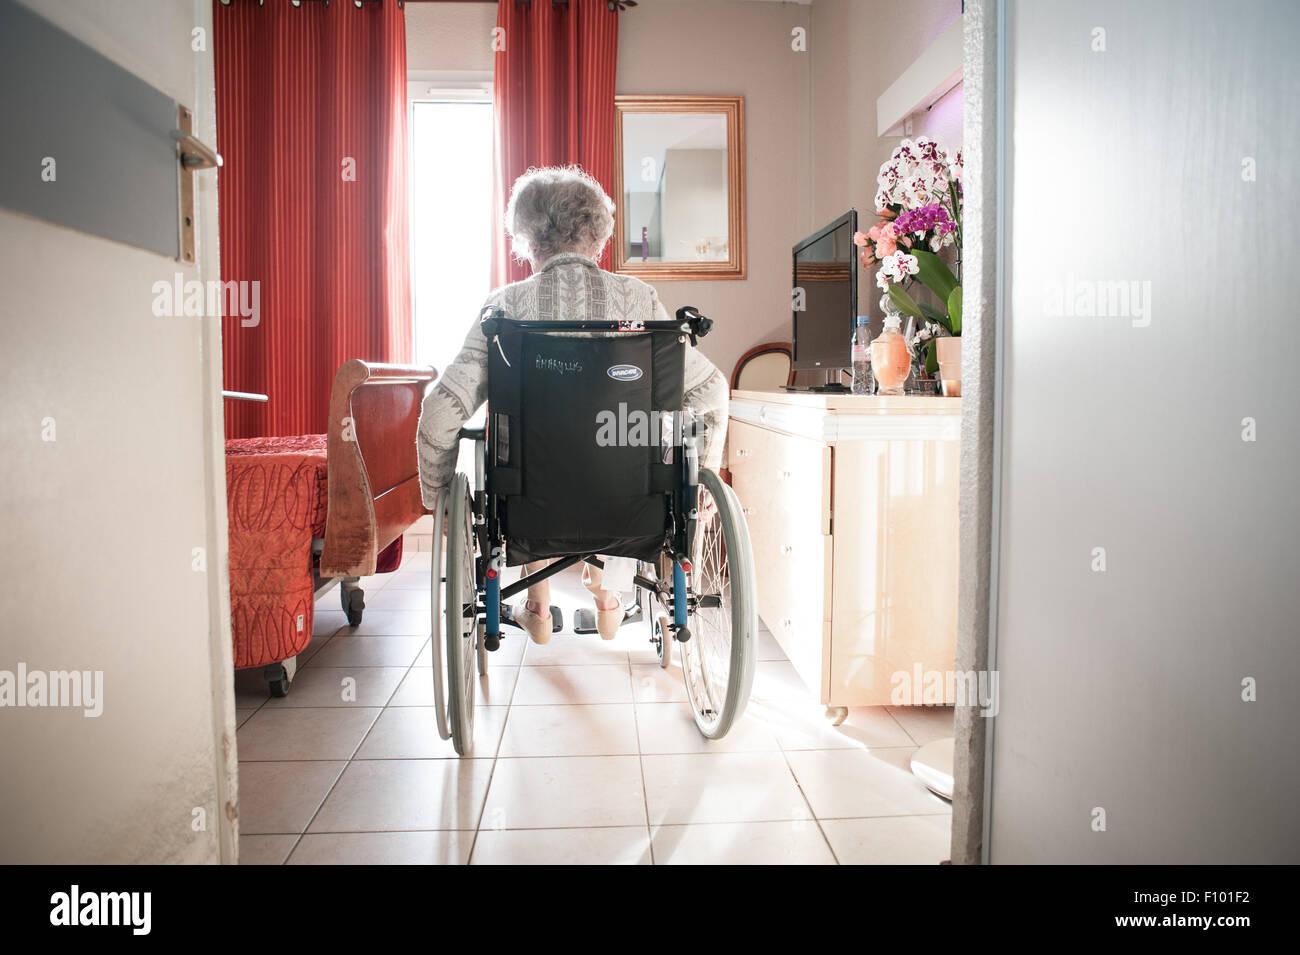 Foyer pour personnes âgées Photo Stock